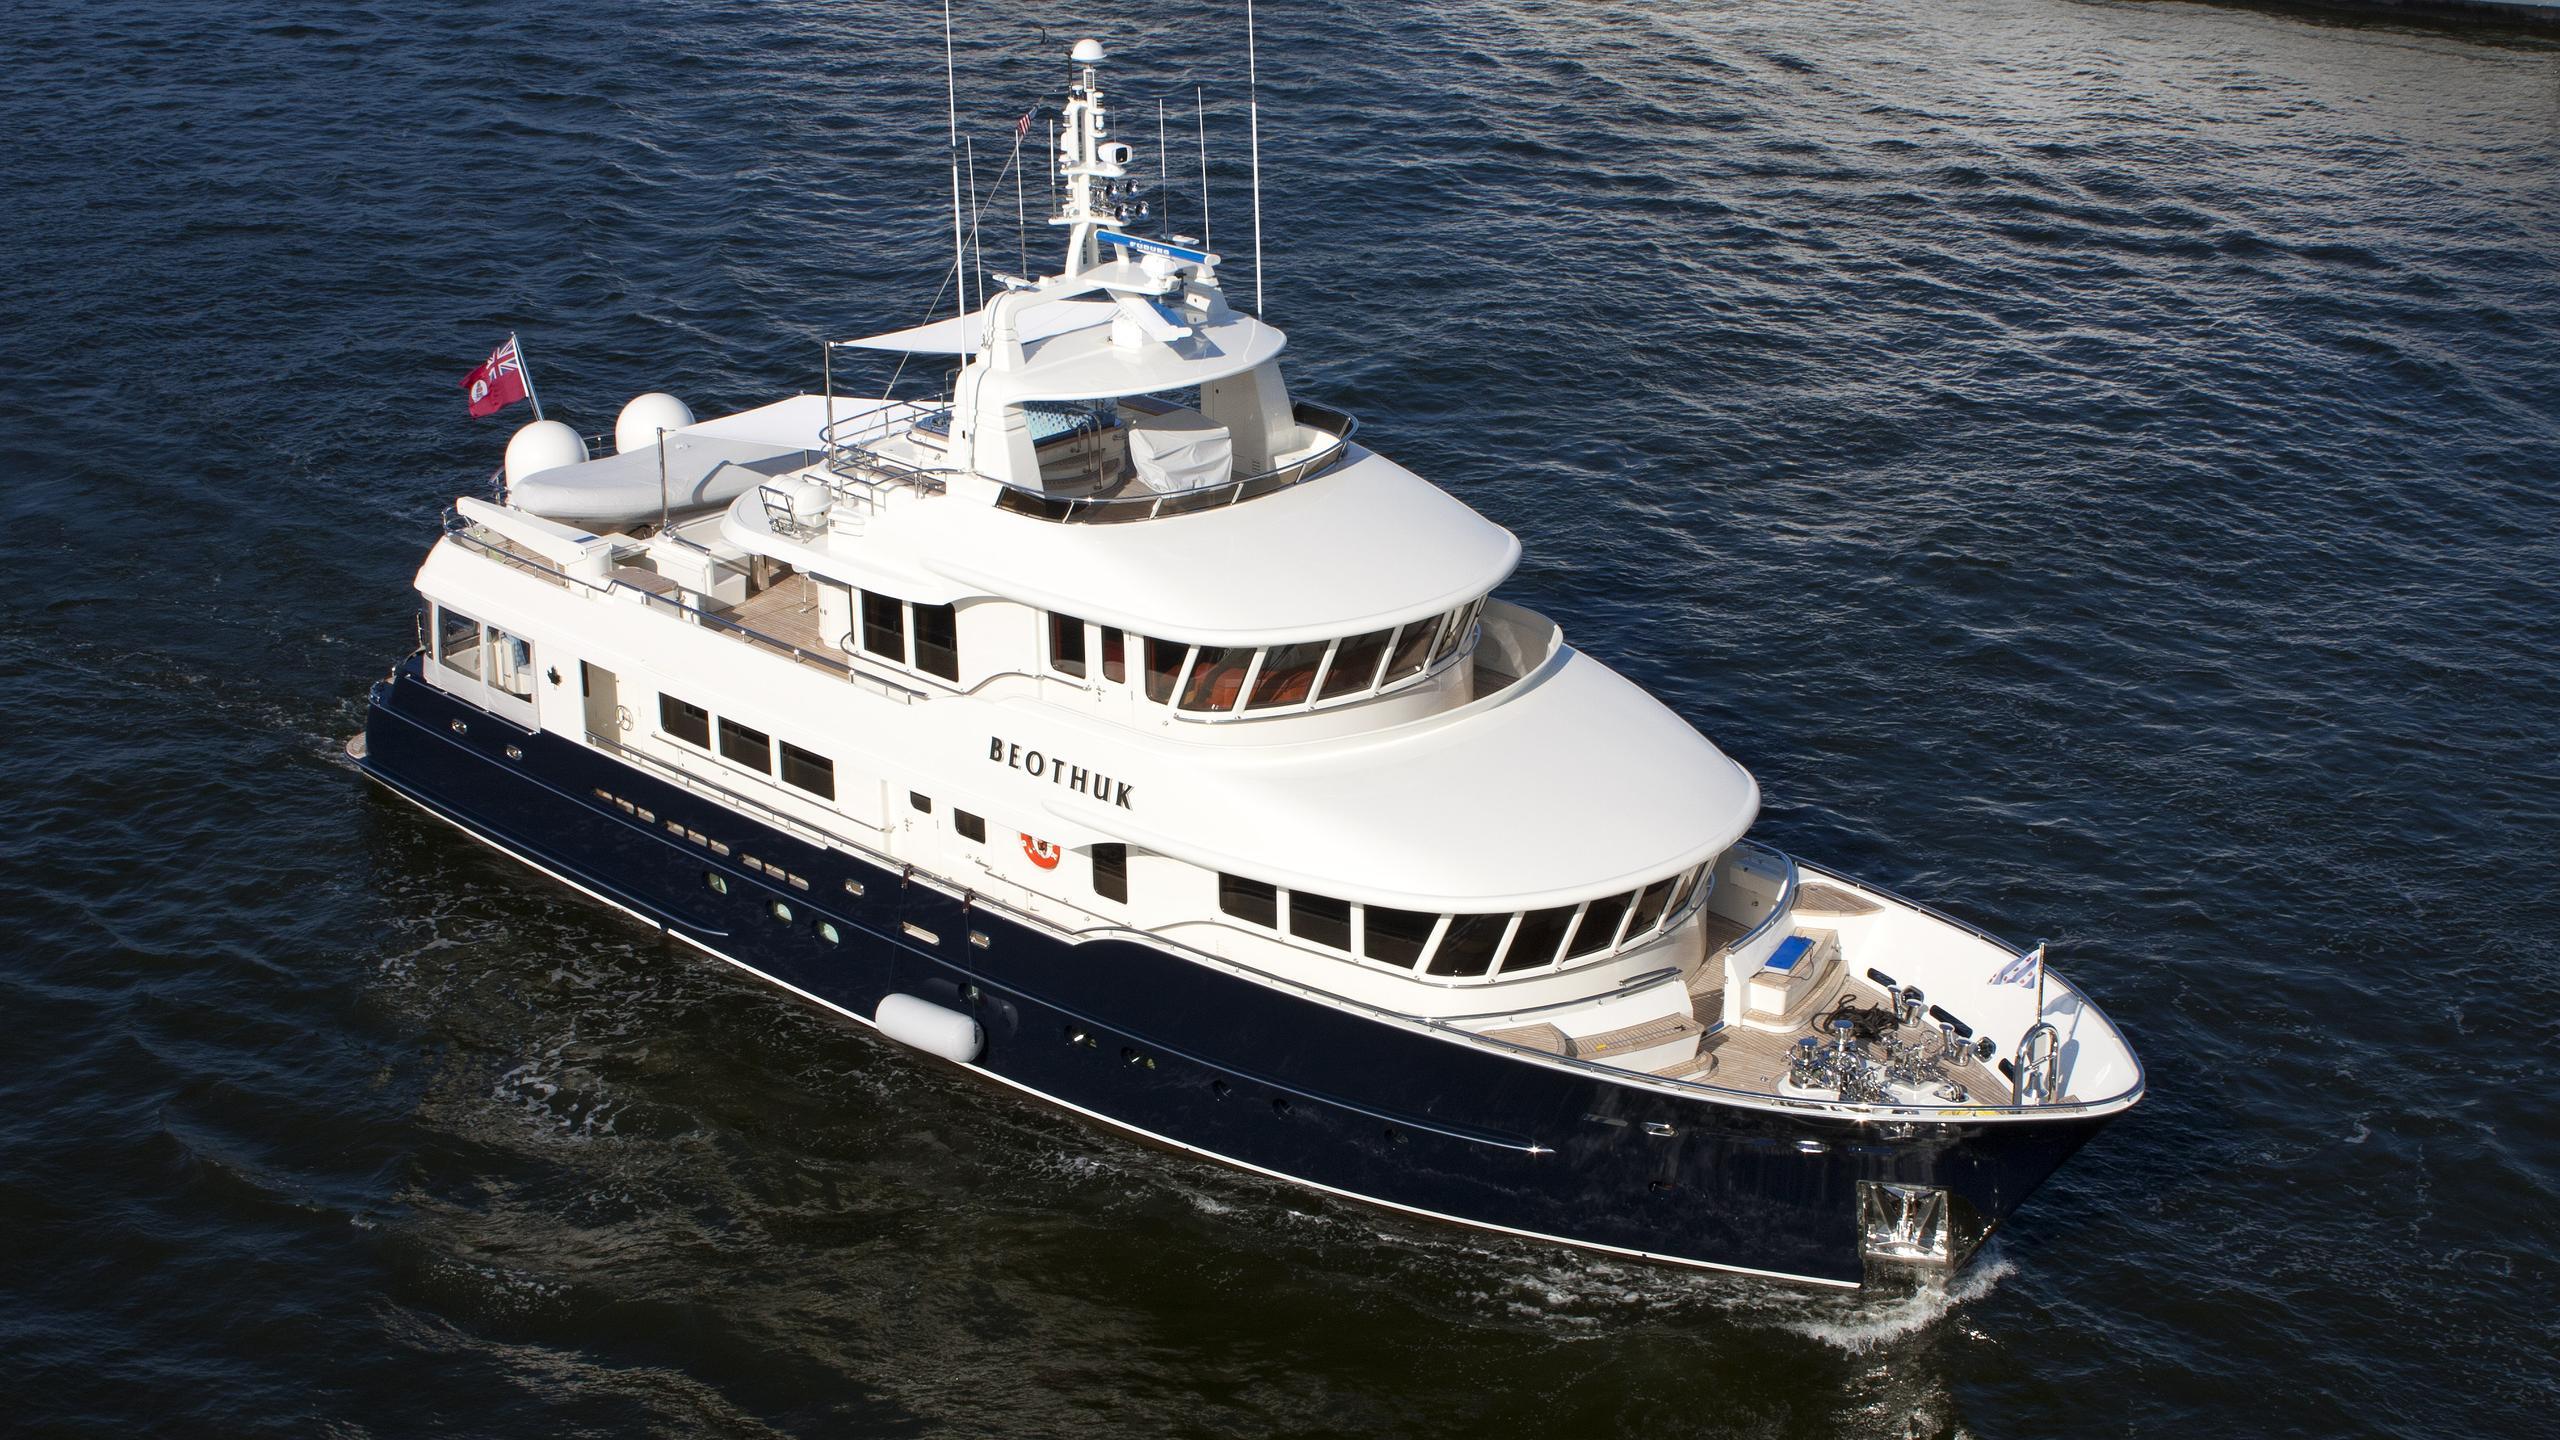 beothuk-ii-explorer-yacht-kuipers-2008-31m-aerial